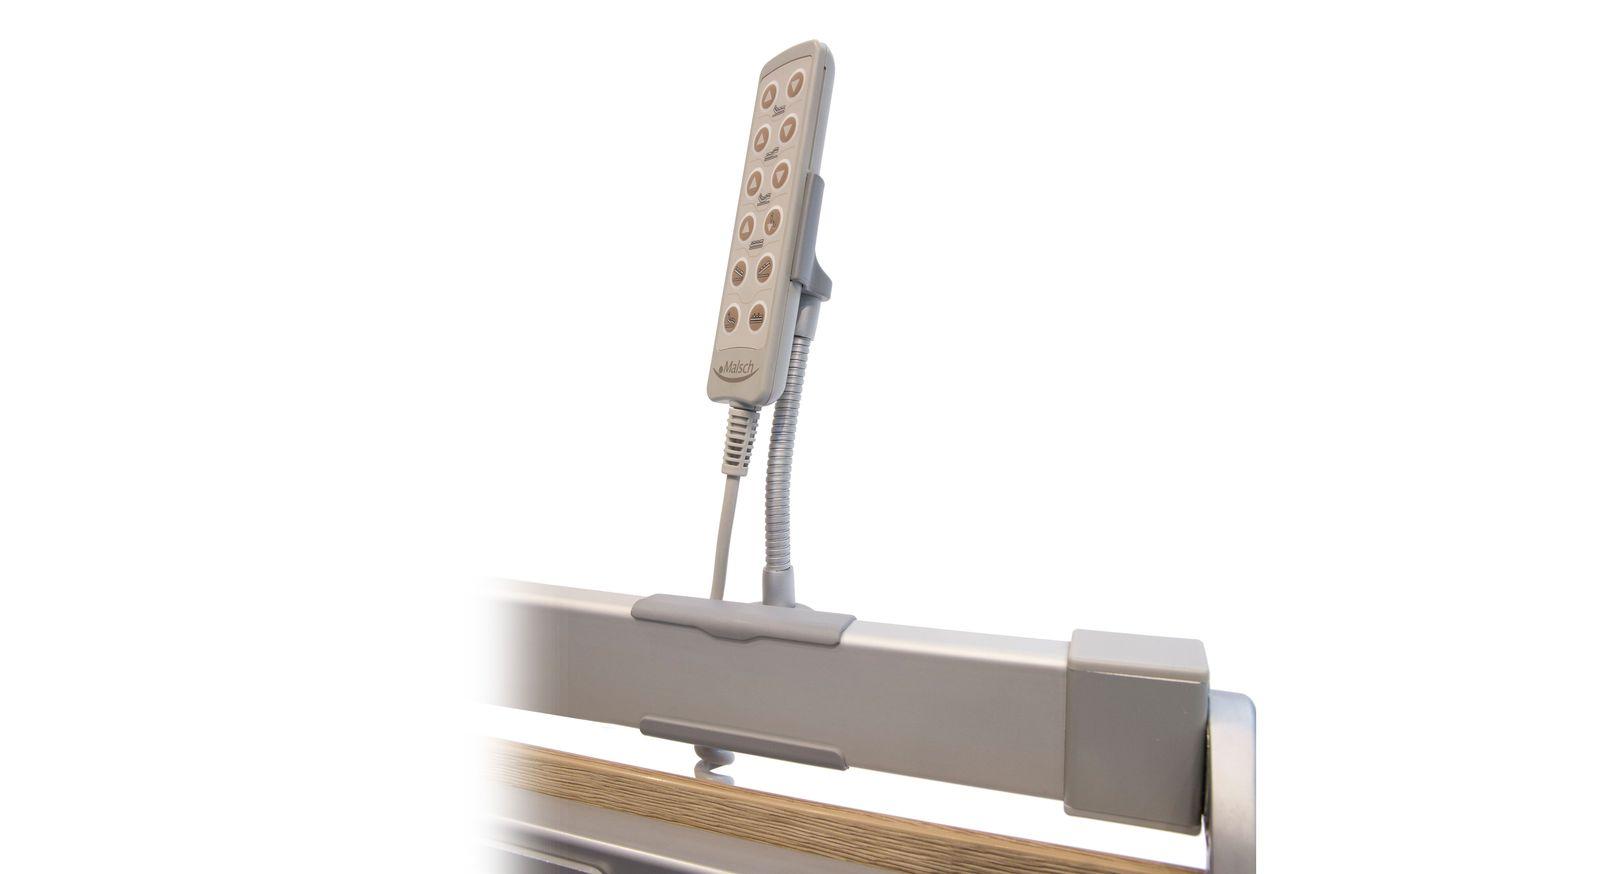 Handschalterhalterung flexibel mit Schwanenhals individuell verstellbar